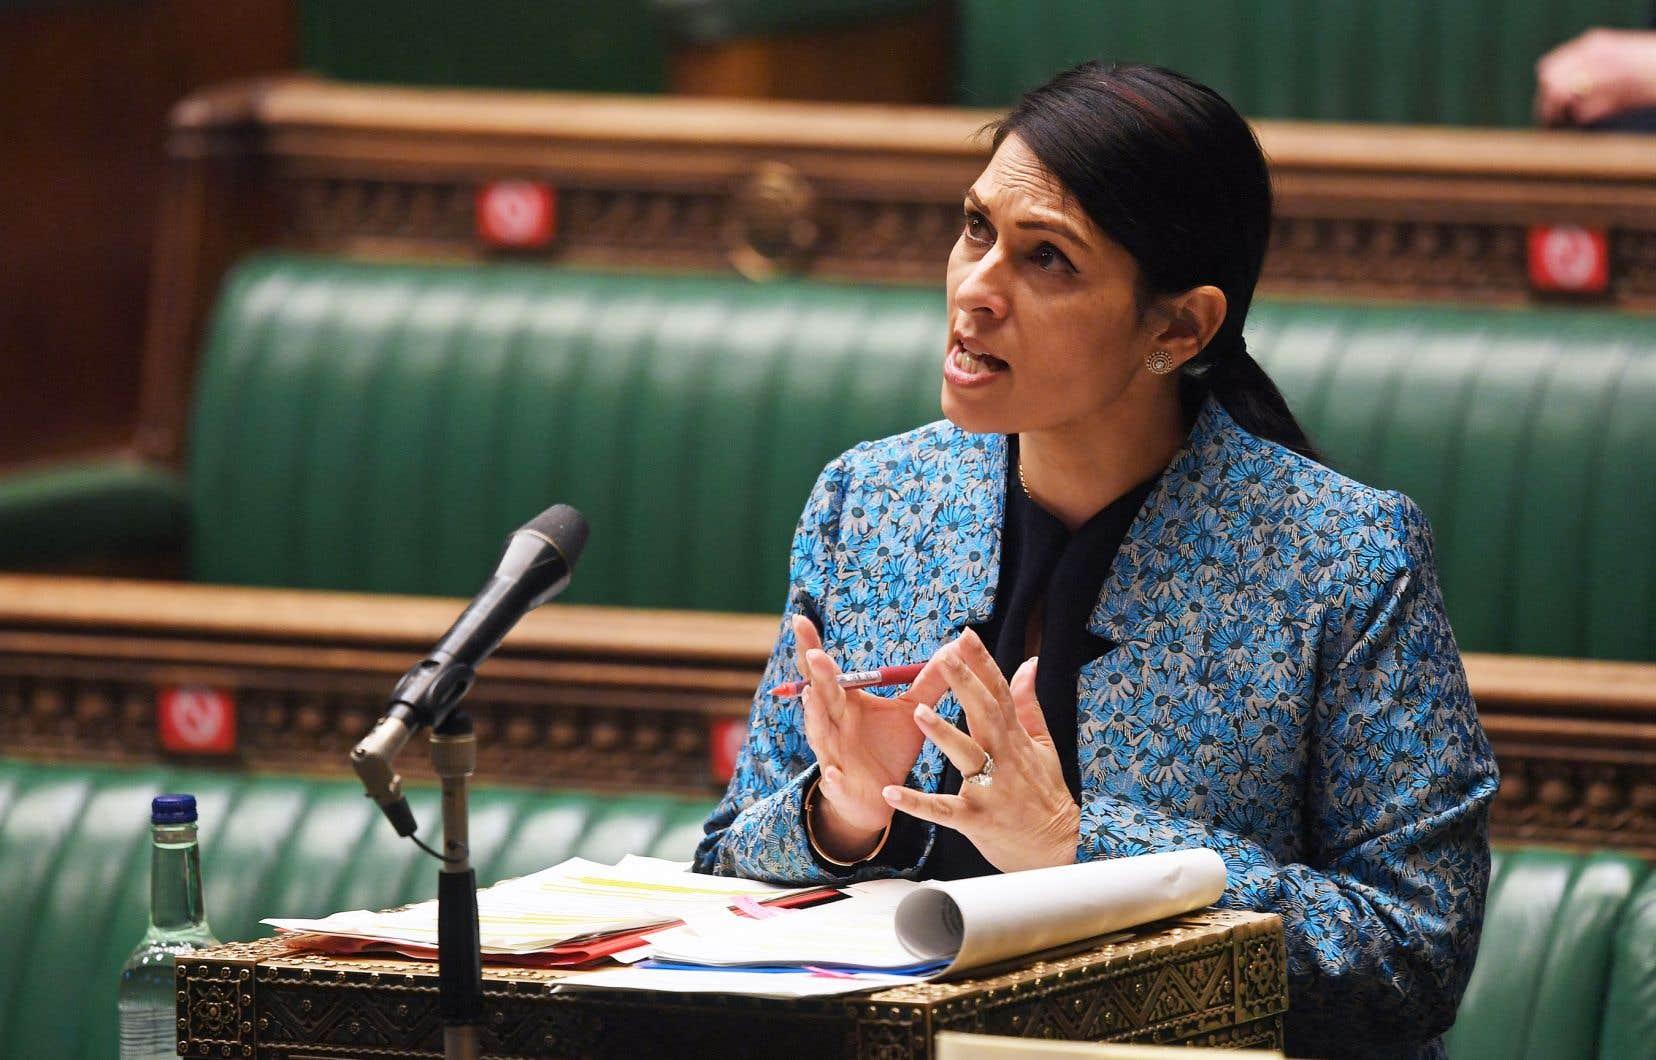 «Ce sont des tendances dont nous avons profondément honte. Les victimes de viol ont été laissées pour compte», ont déclaré la ministre de l'Intérieur, Priti Patel (photo), et le ministre de la Justice, Robert Buckland.